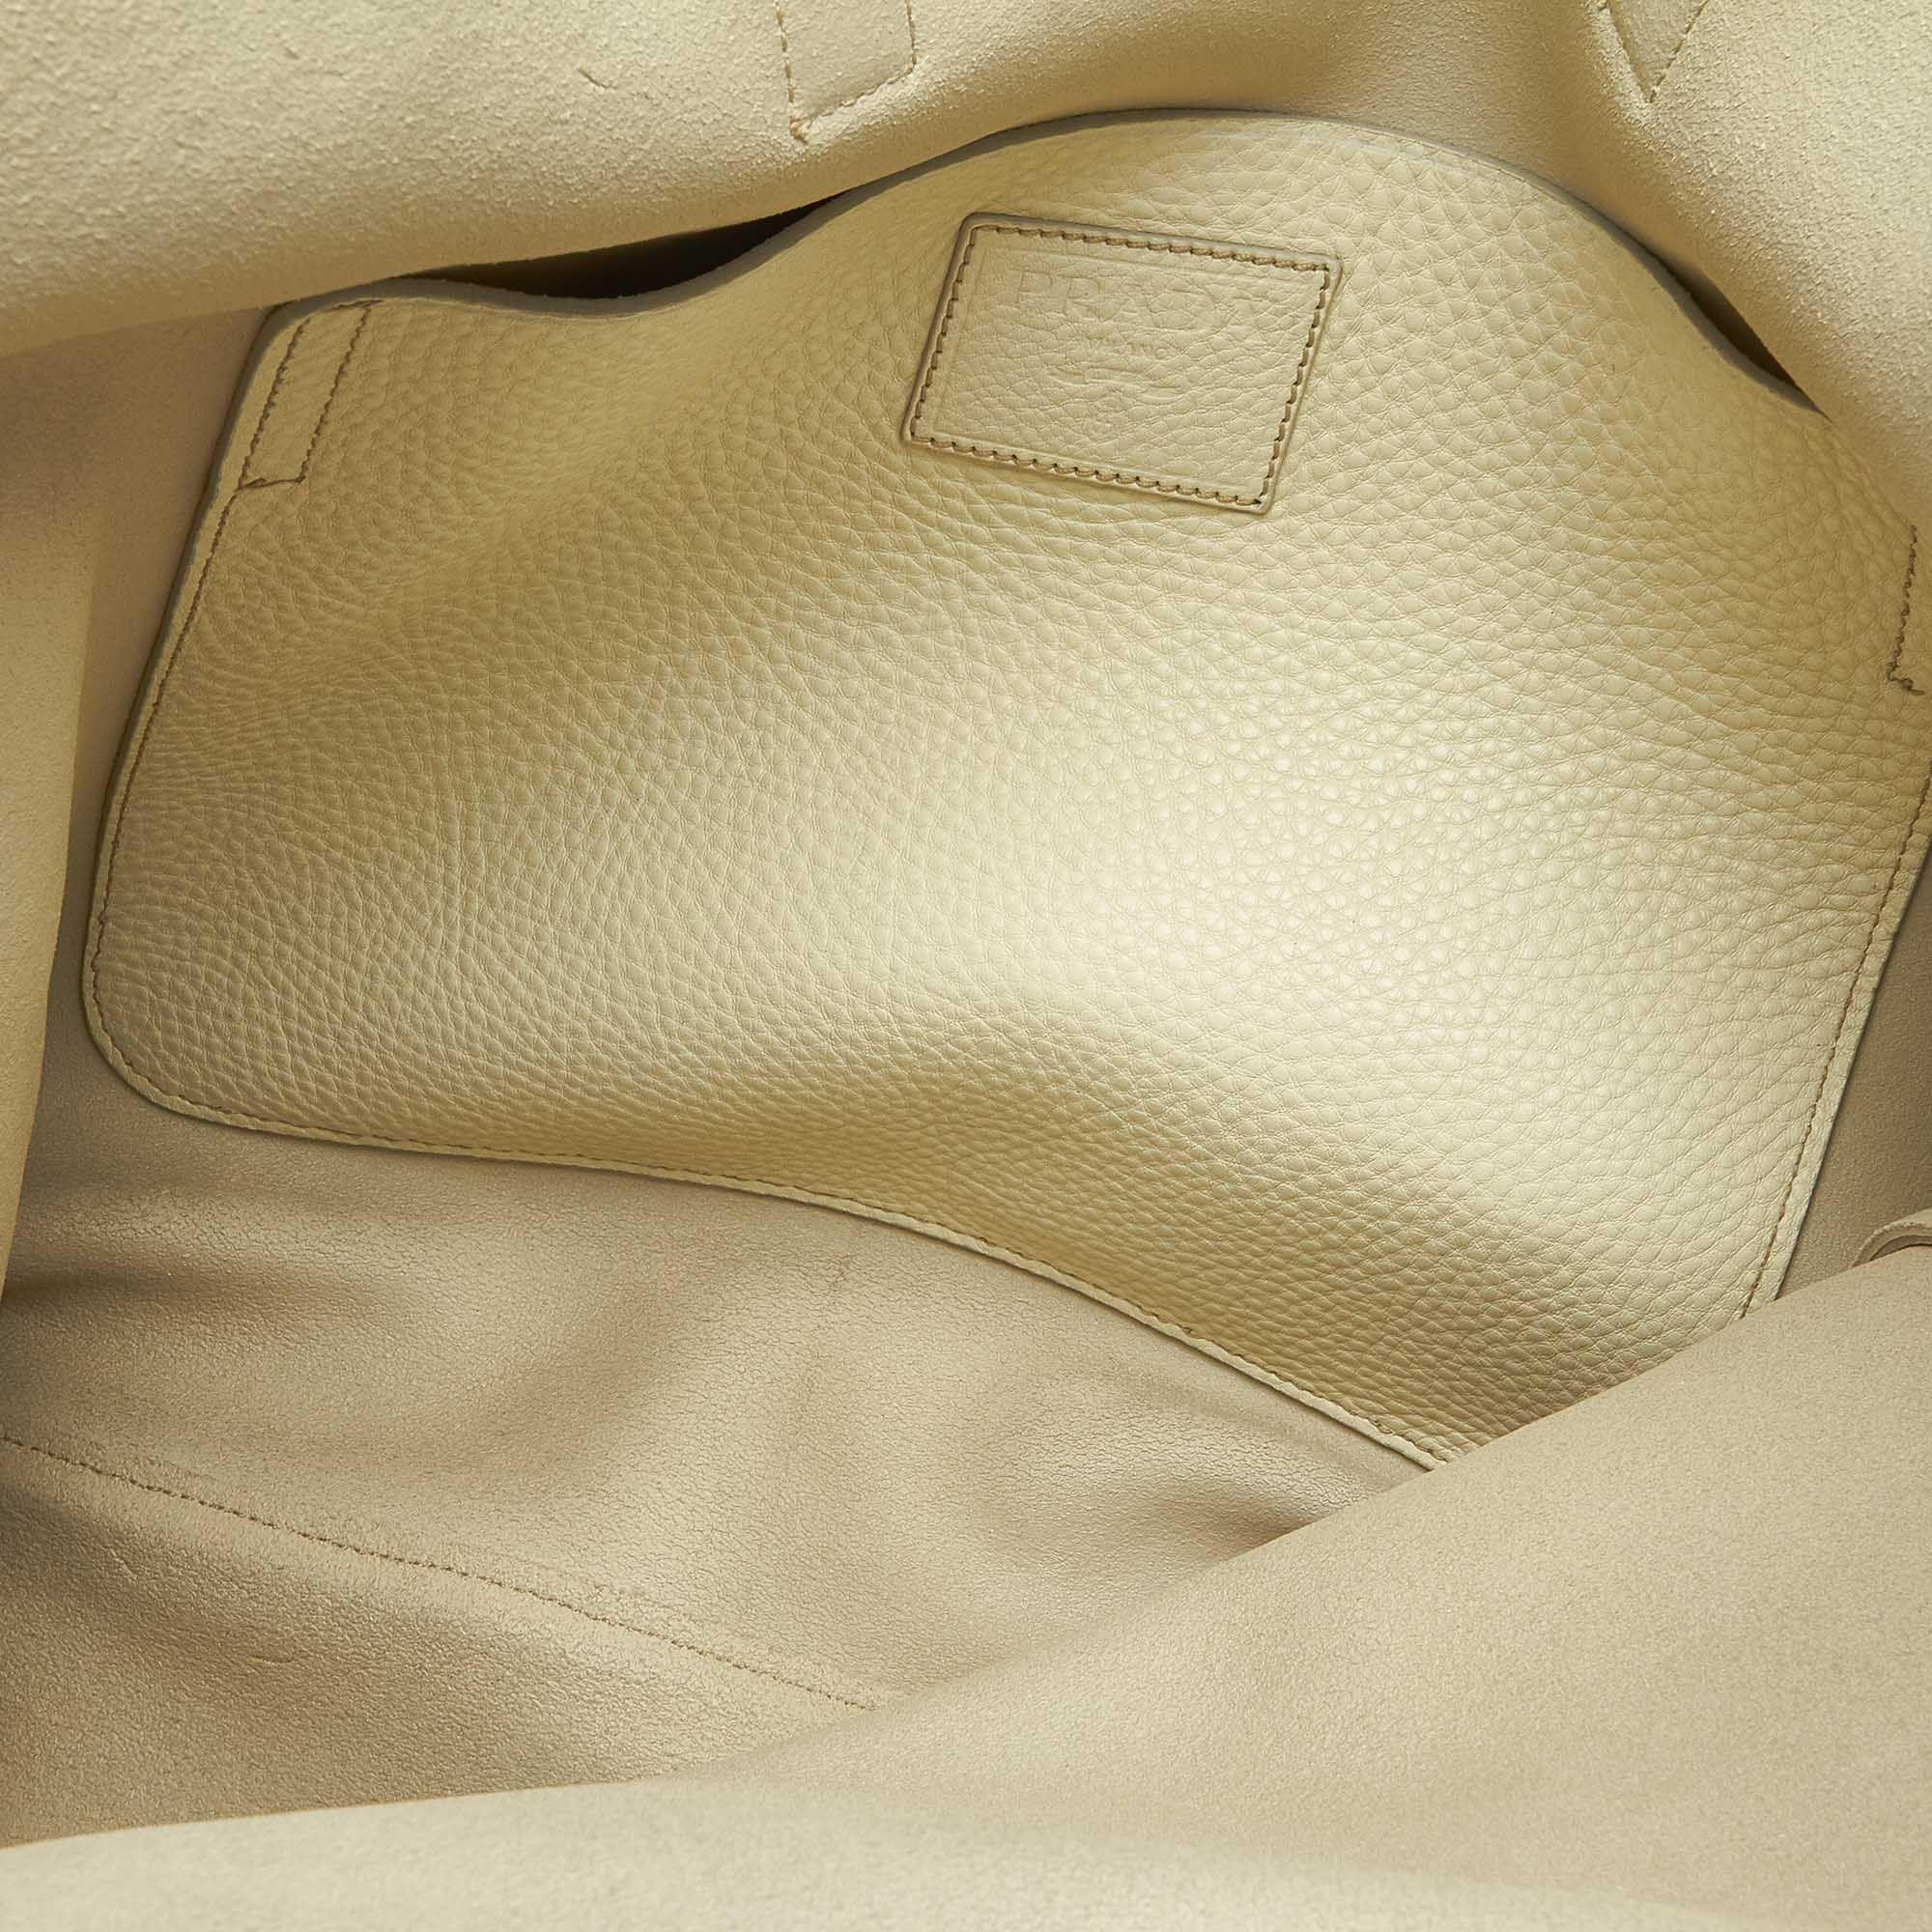 Vintage Prada Leather Tote Bag White